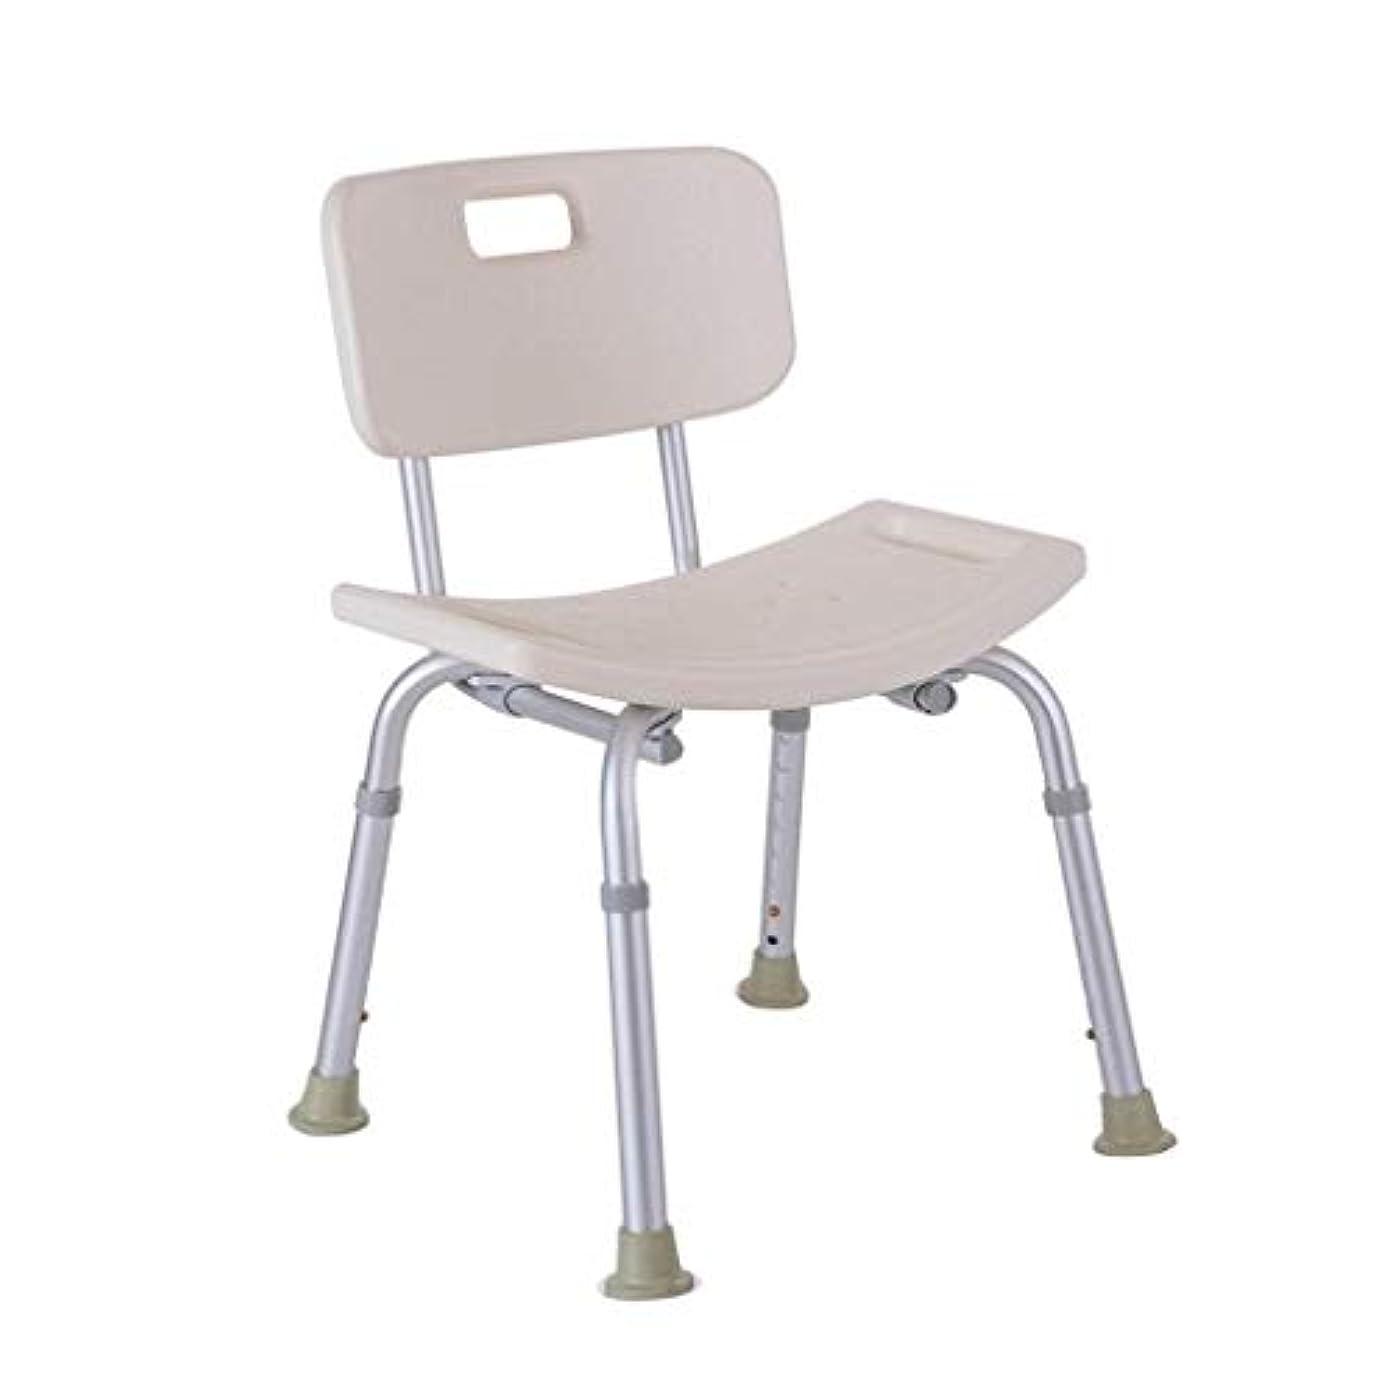 間接的後ろ、背後、背面(部州お風呂の椅子、背もたれ付き調節可能な高さ